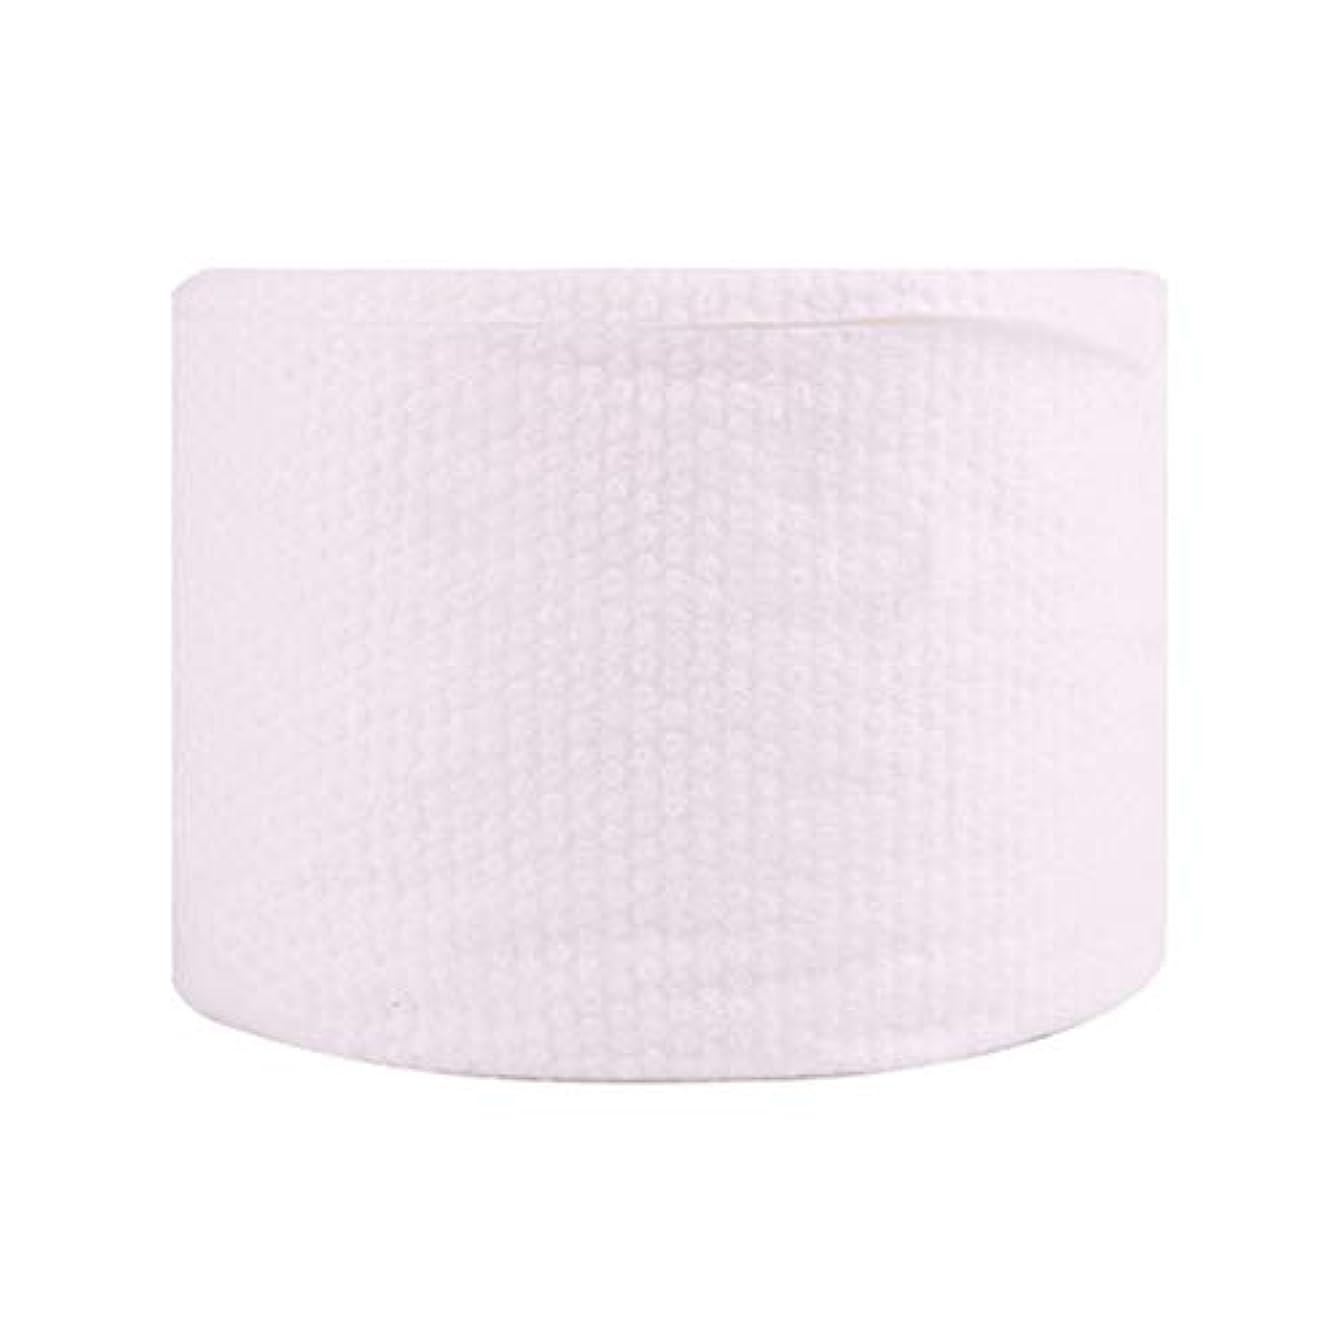 免疫娘寝室を掃除するSODIAL 使い捨てフェイスタオル化粧拭き取り綿パッド メイク落としパッド ソフトパッド化粧品 フェイスマスククレンジングケアフェイシャルナプキン